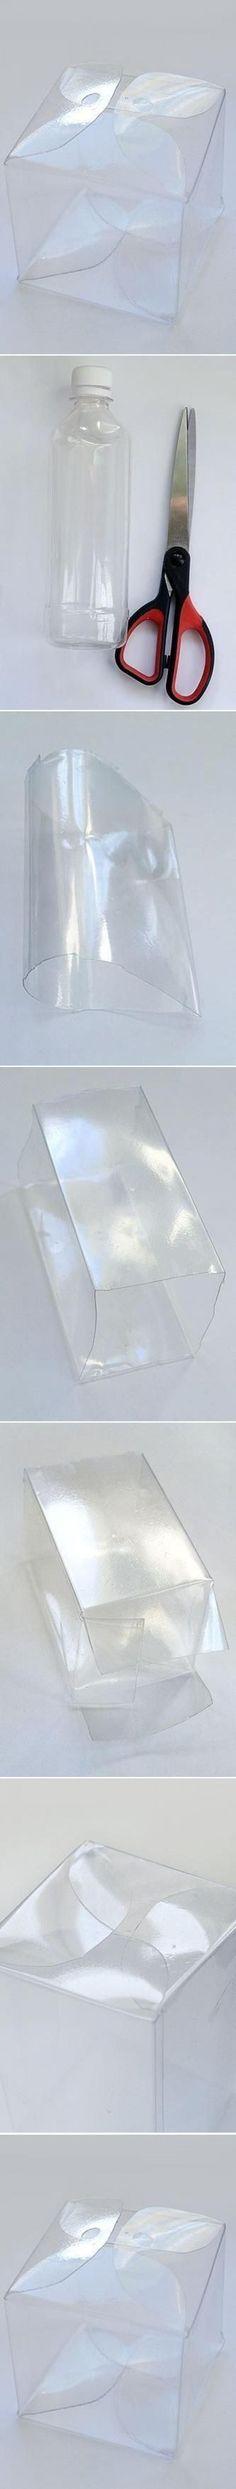 Comment faire une boite parfaitement carrée à partir d'une bouteille ronde! - Trucs et Astuces - Trucs et Bricolages